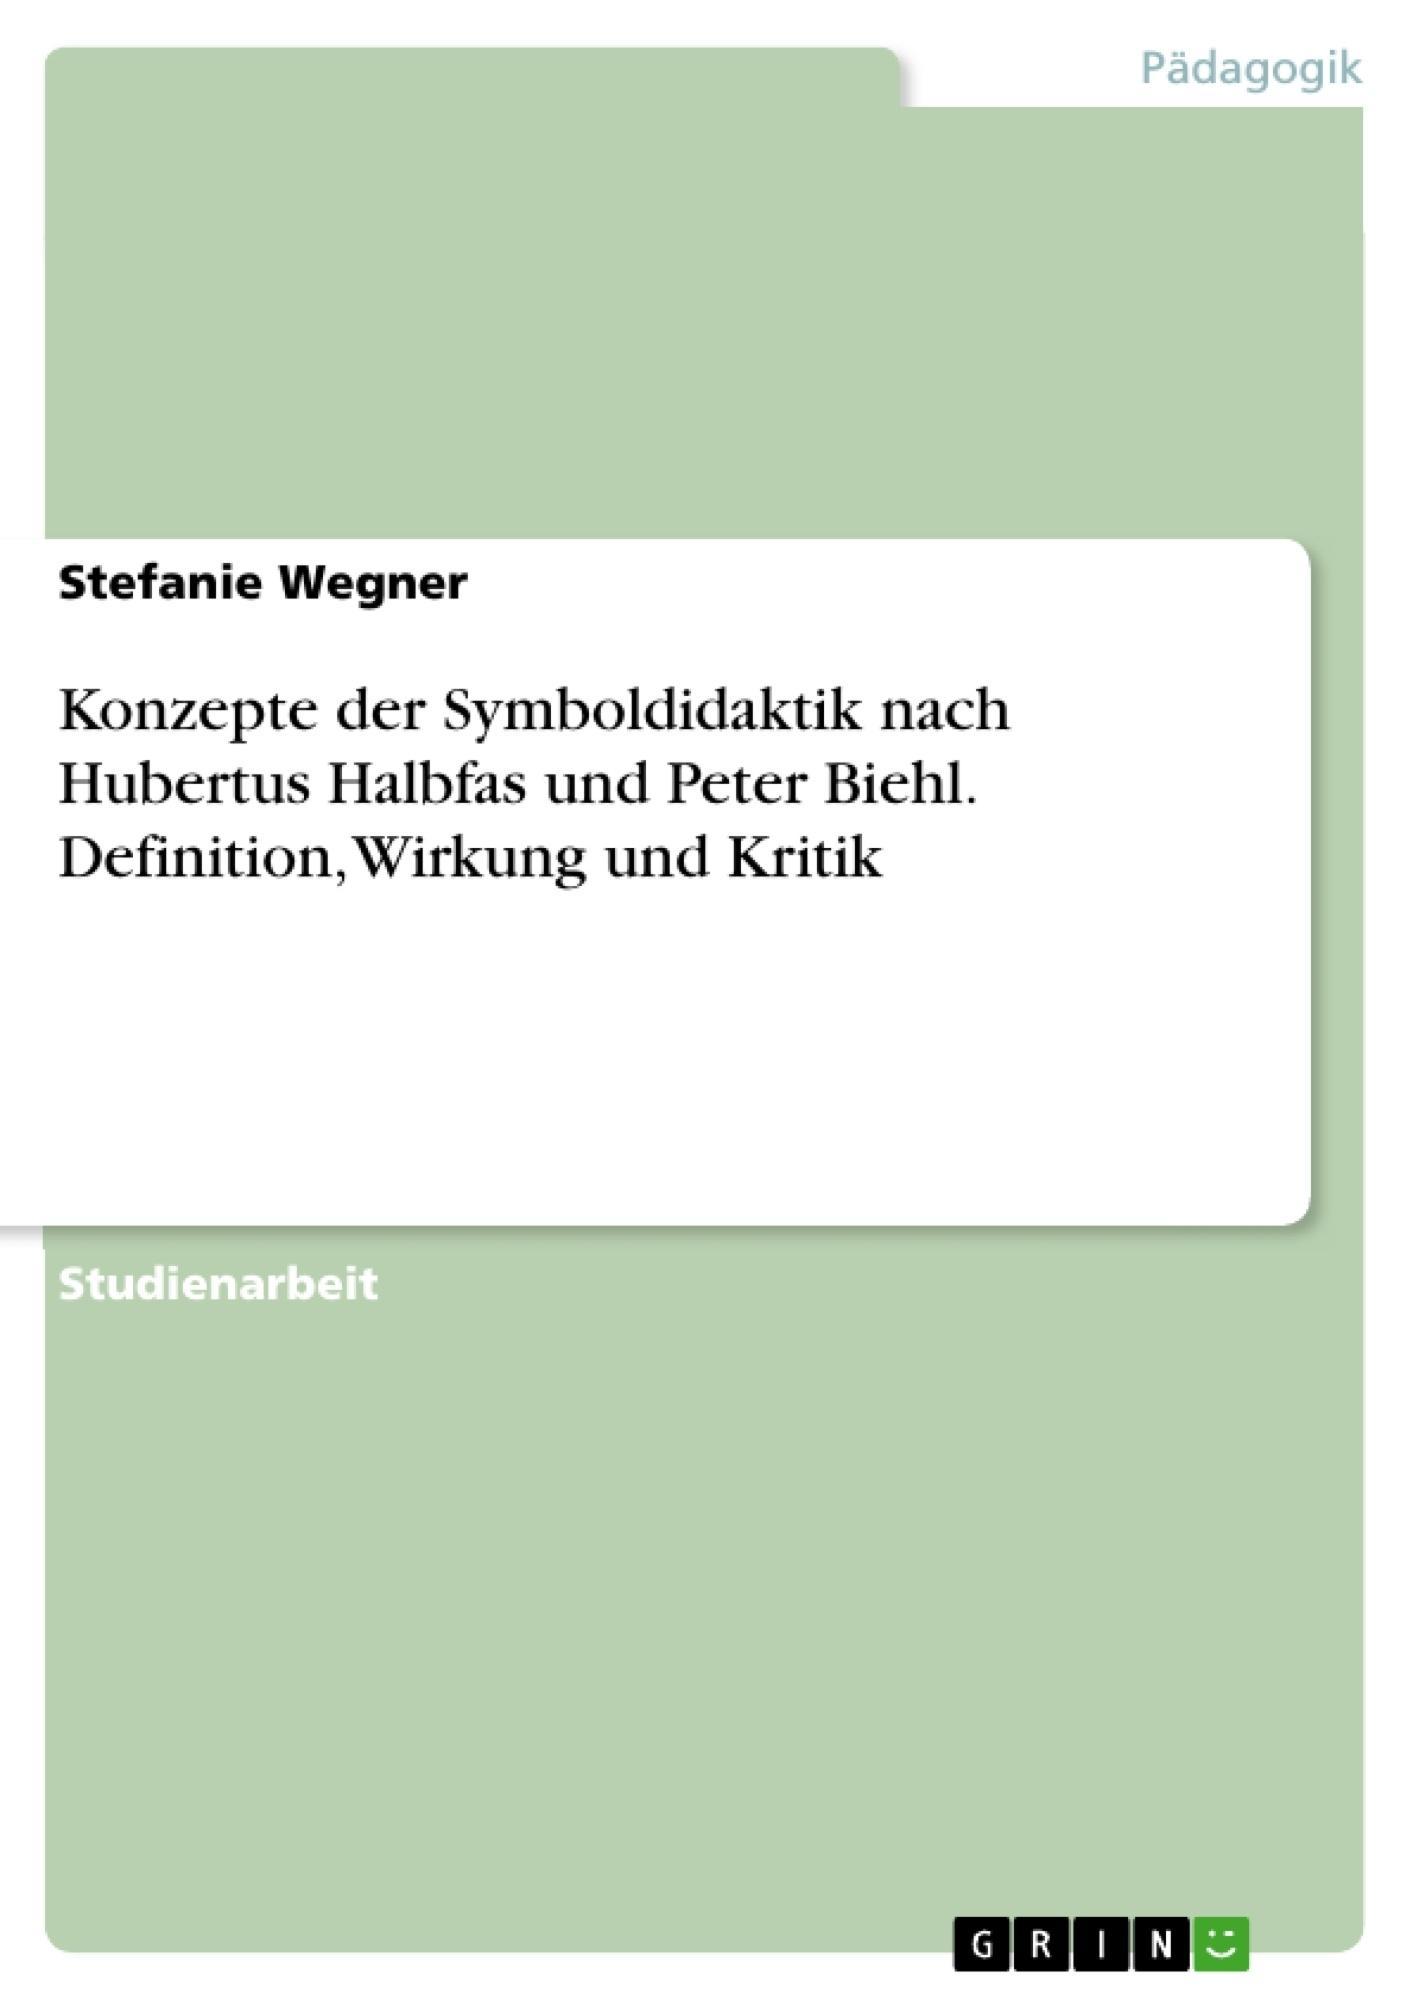 Titel: Konzepte der Symboldidaktik nach Hubertus Halbfas und Peter Biehl. Definition, Wirkung und Kritik